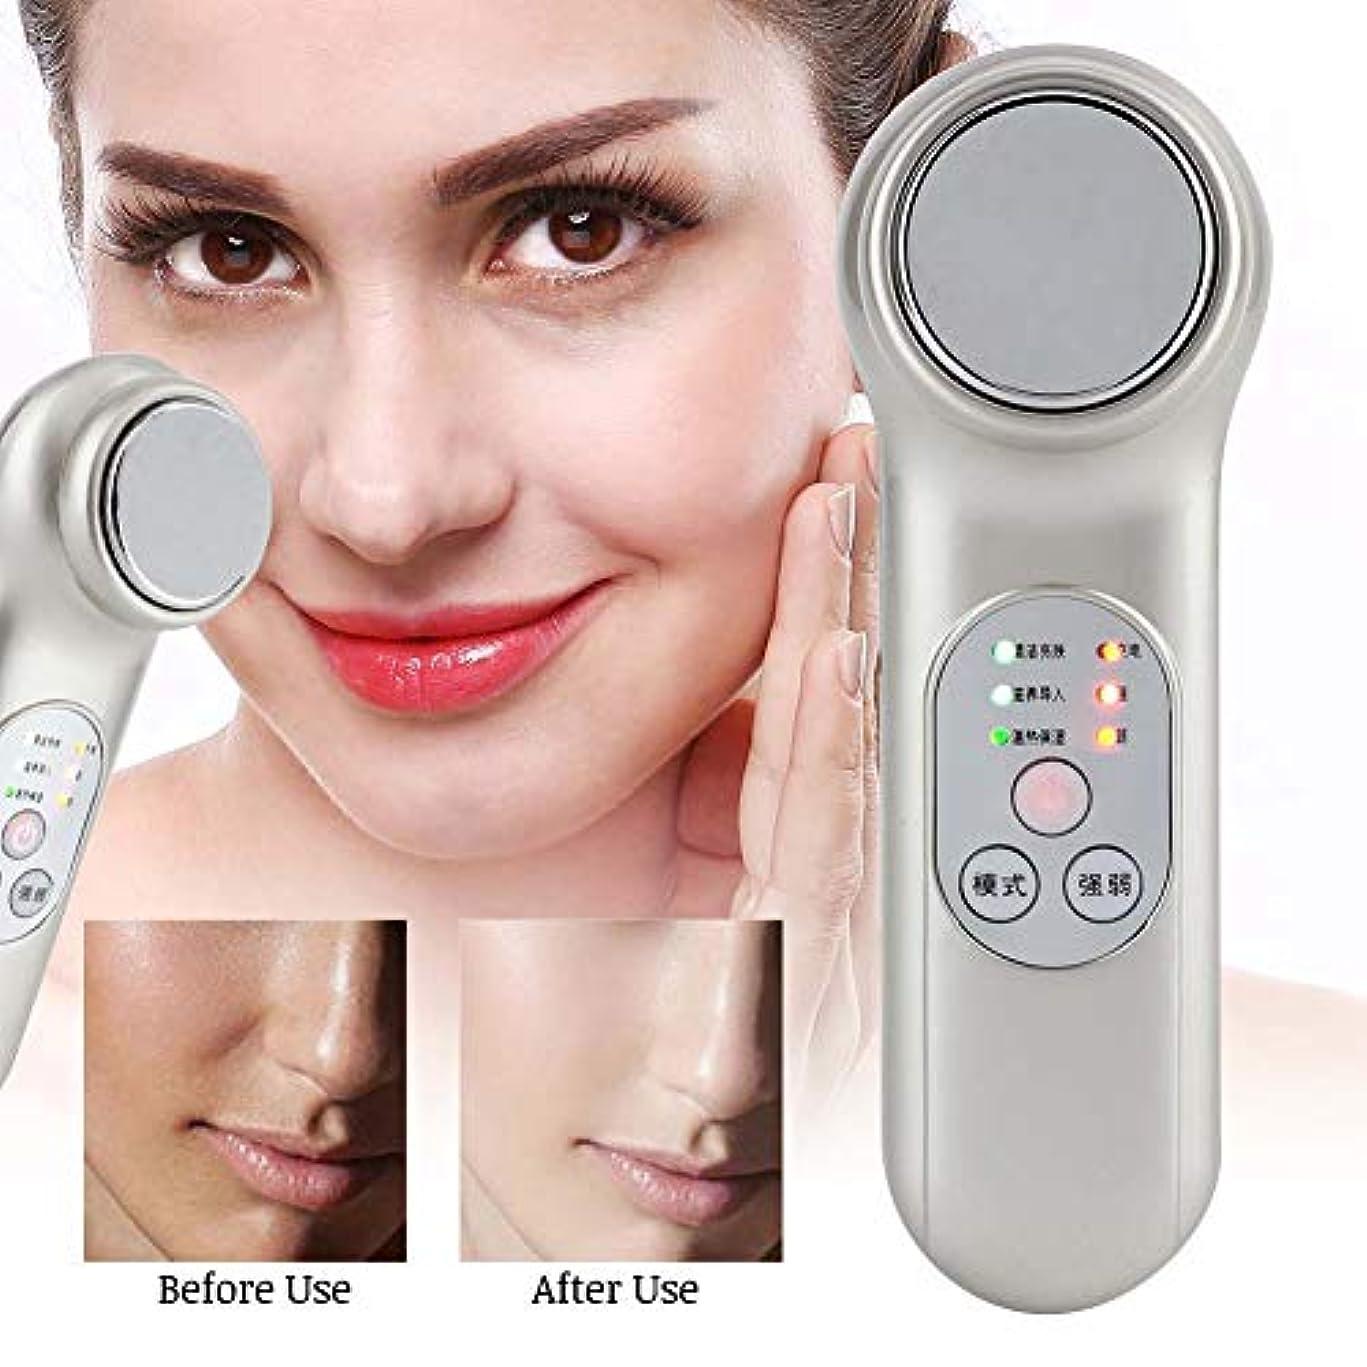 輸血記念品いたずら毛穴クリーナー、毛穴真空除去クリーナー電気クリーナーフェイスマッサージャー女性と男性のための皮膚美容デバイス